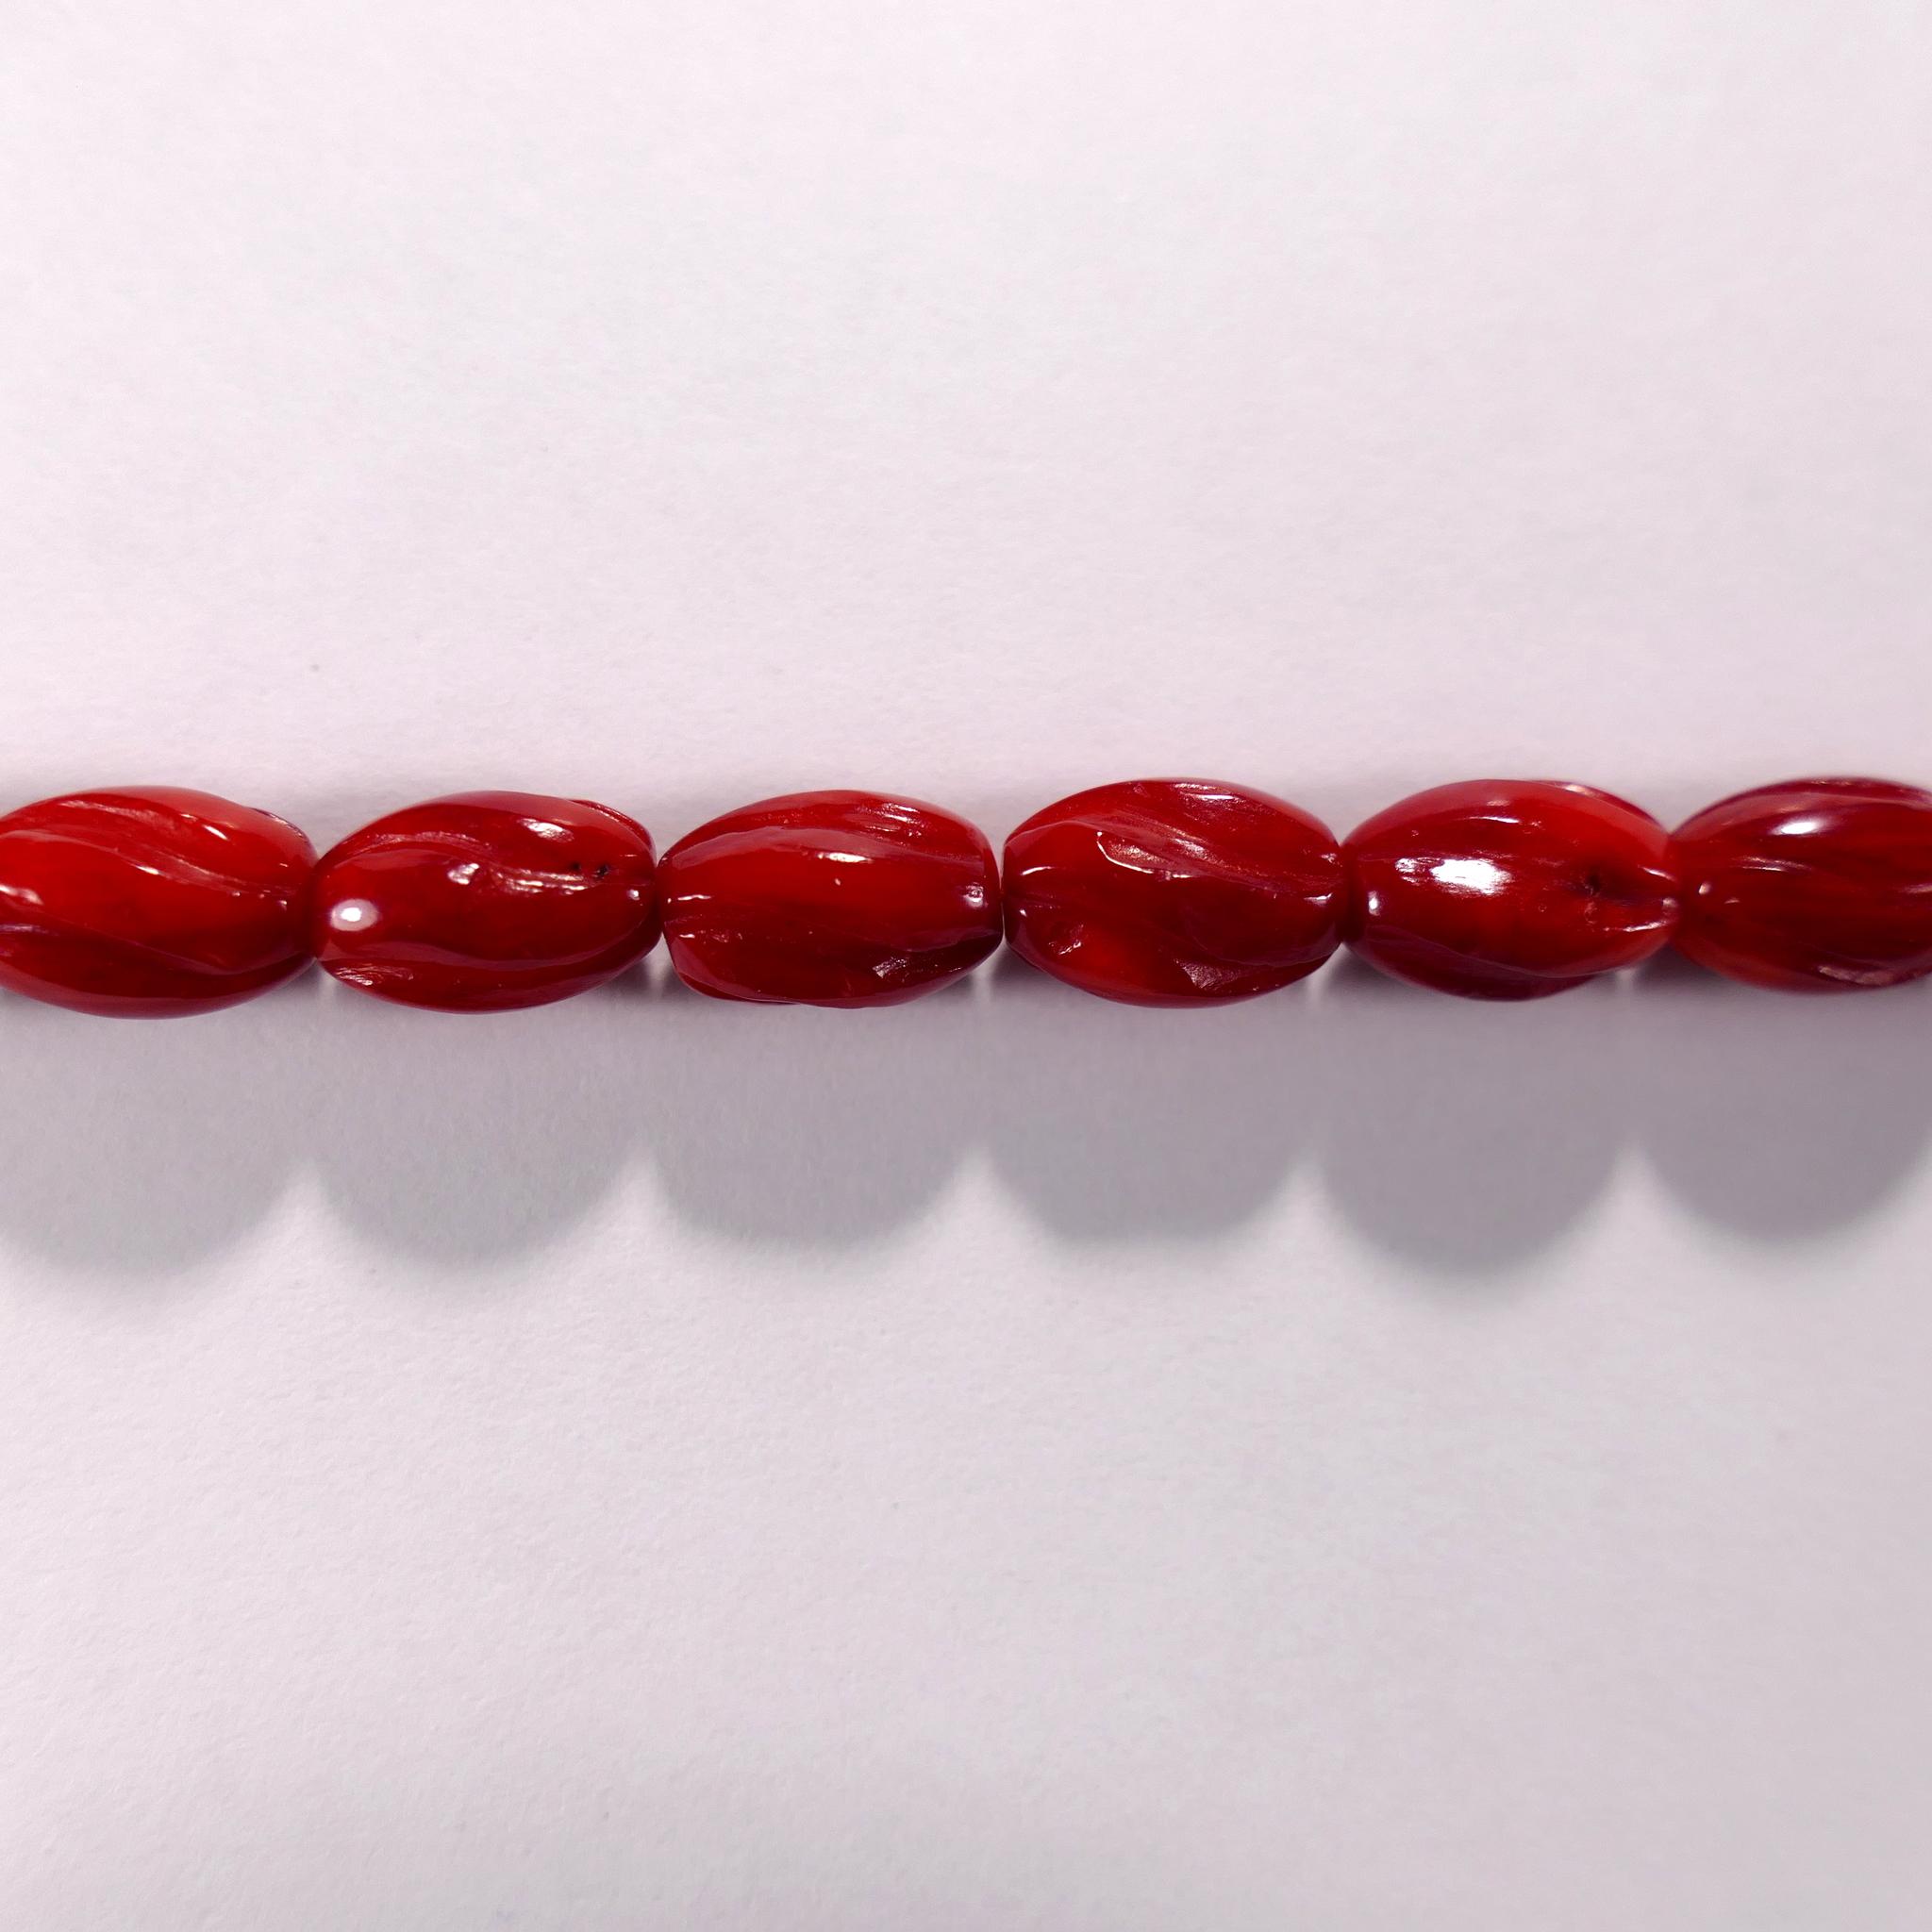 Бусина из коралла красного, облагороженного, фигурная, 7x10 мм (овал резной, гладкая)